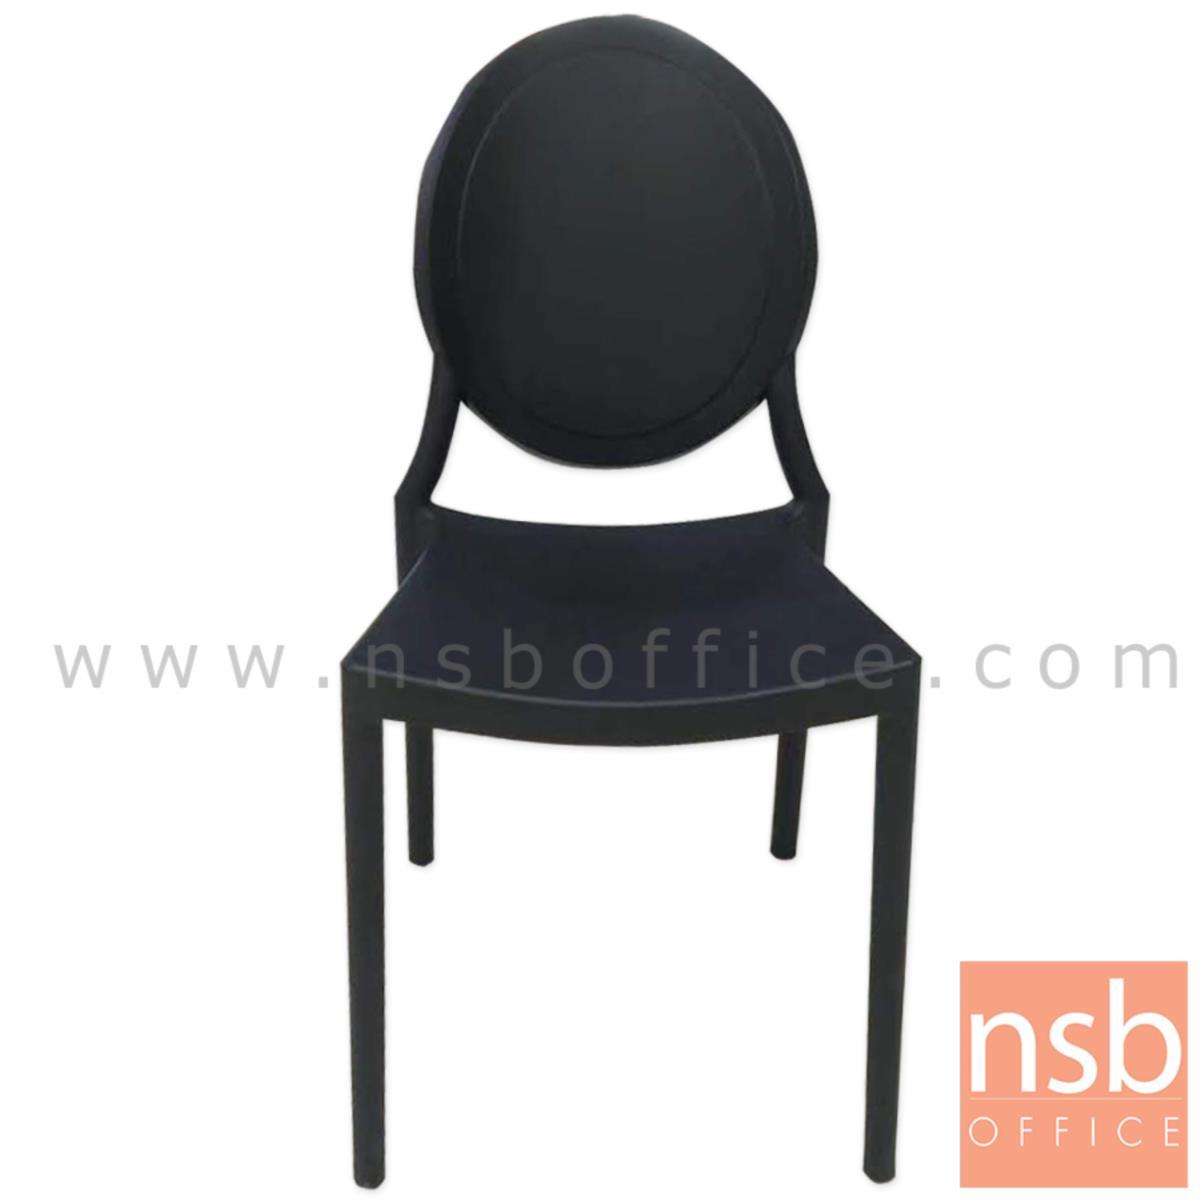 เก้าอี้โมเดิร์น รุ่น Exeter (เอ็กซิเตอร์)  ขนาด 40w cm.